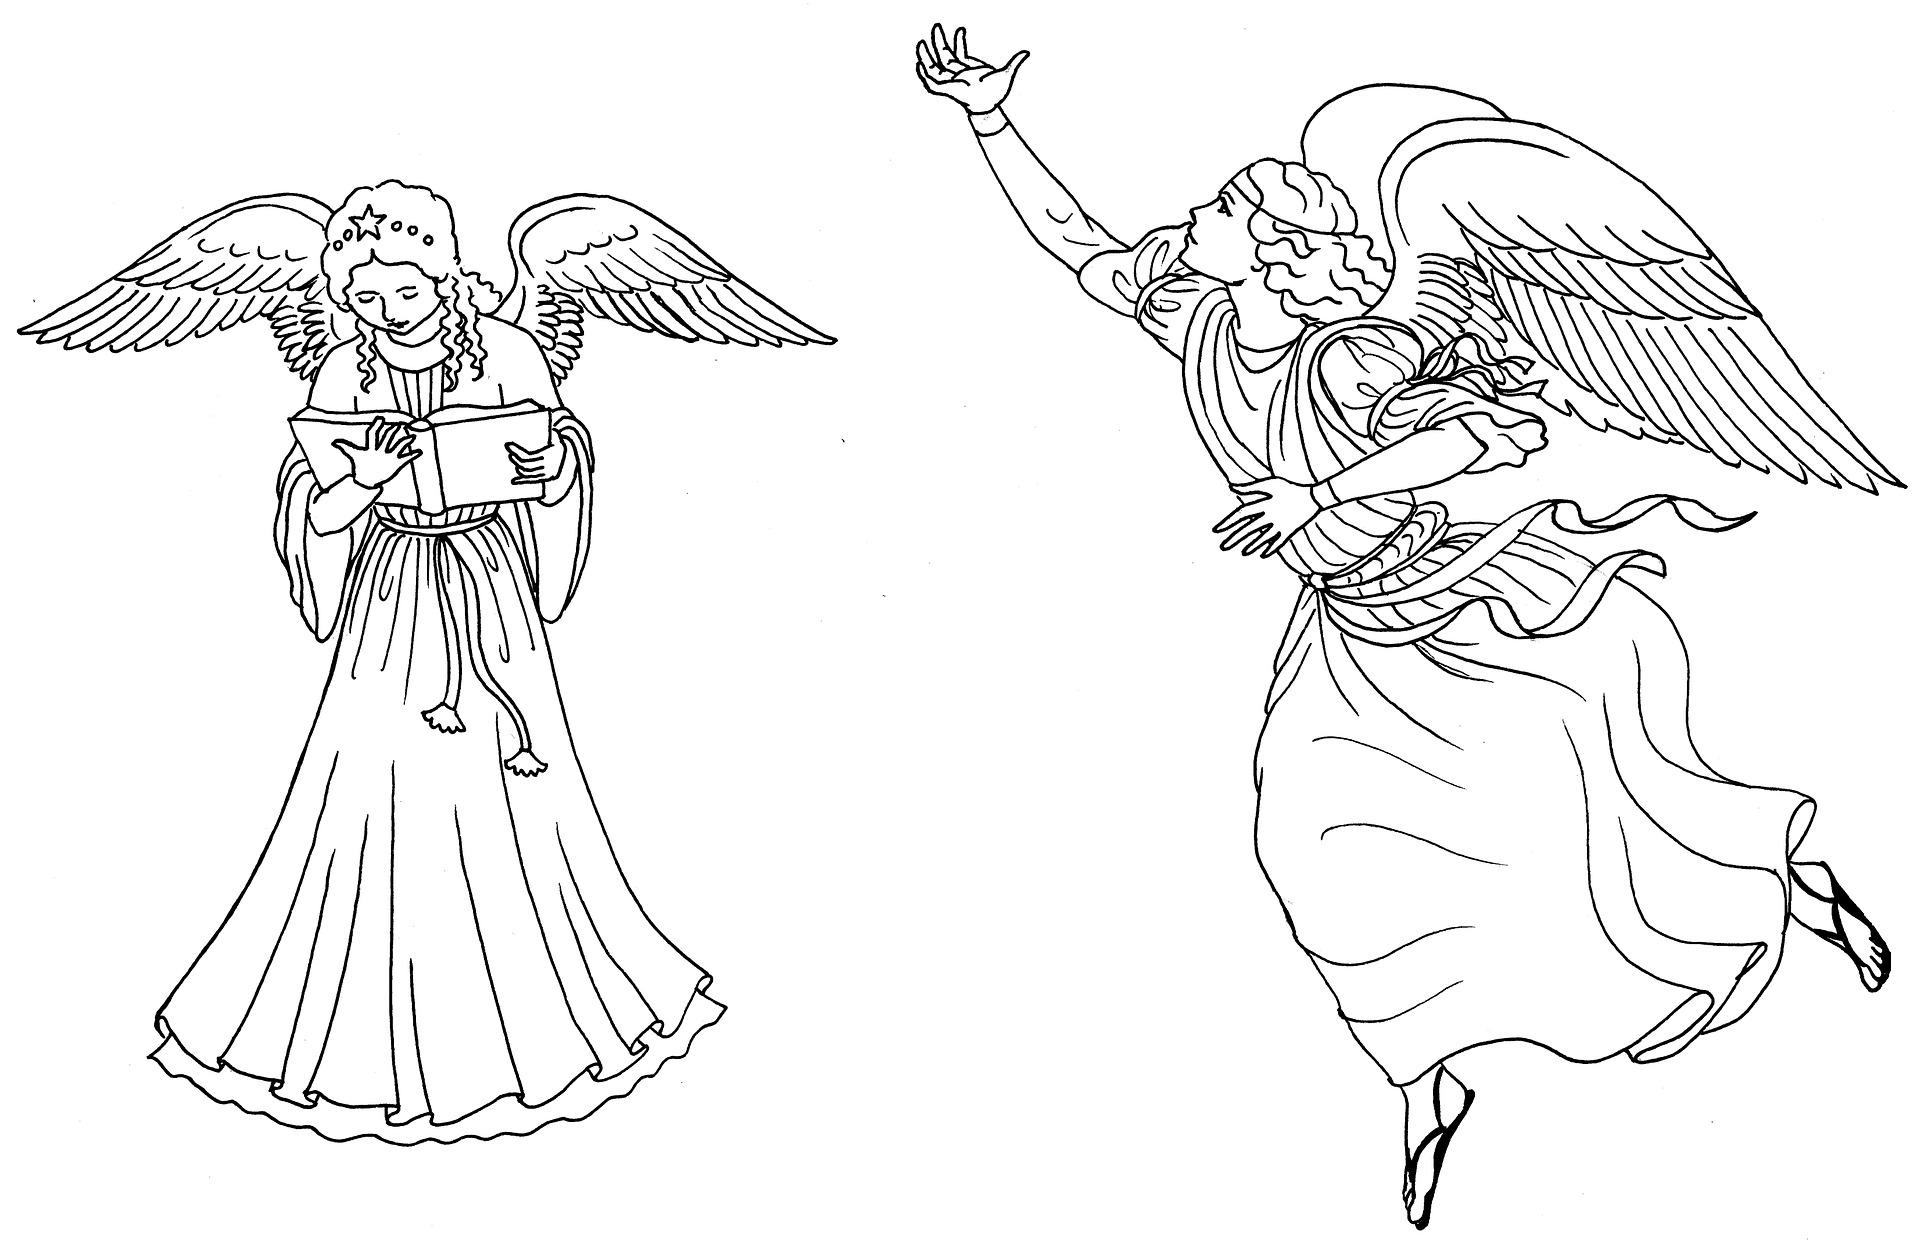 Rysunki świąteczne dla dzieci - aniołki